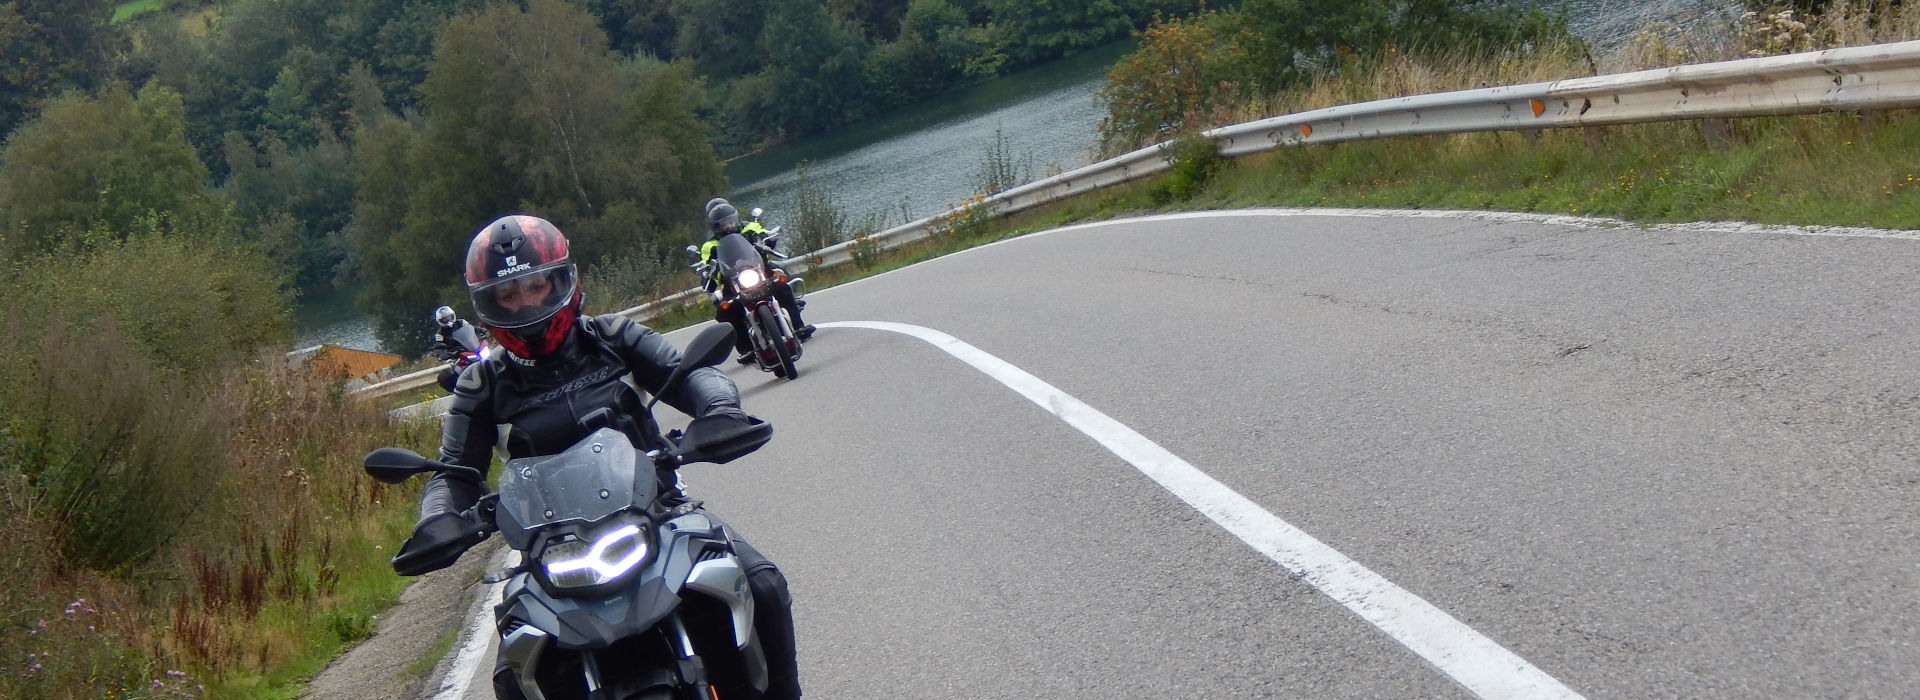 Motorrijbewijspoint Abdissenbosch snelcursus motorrijbewijs